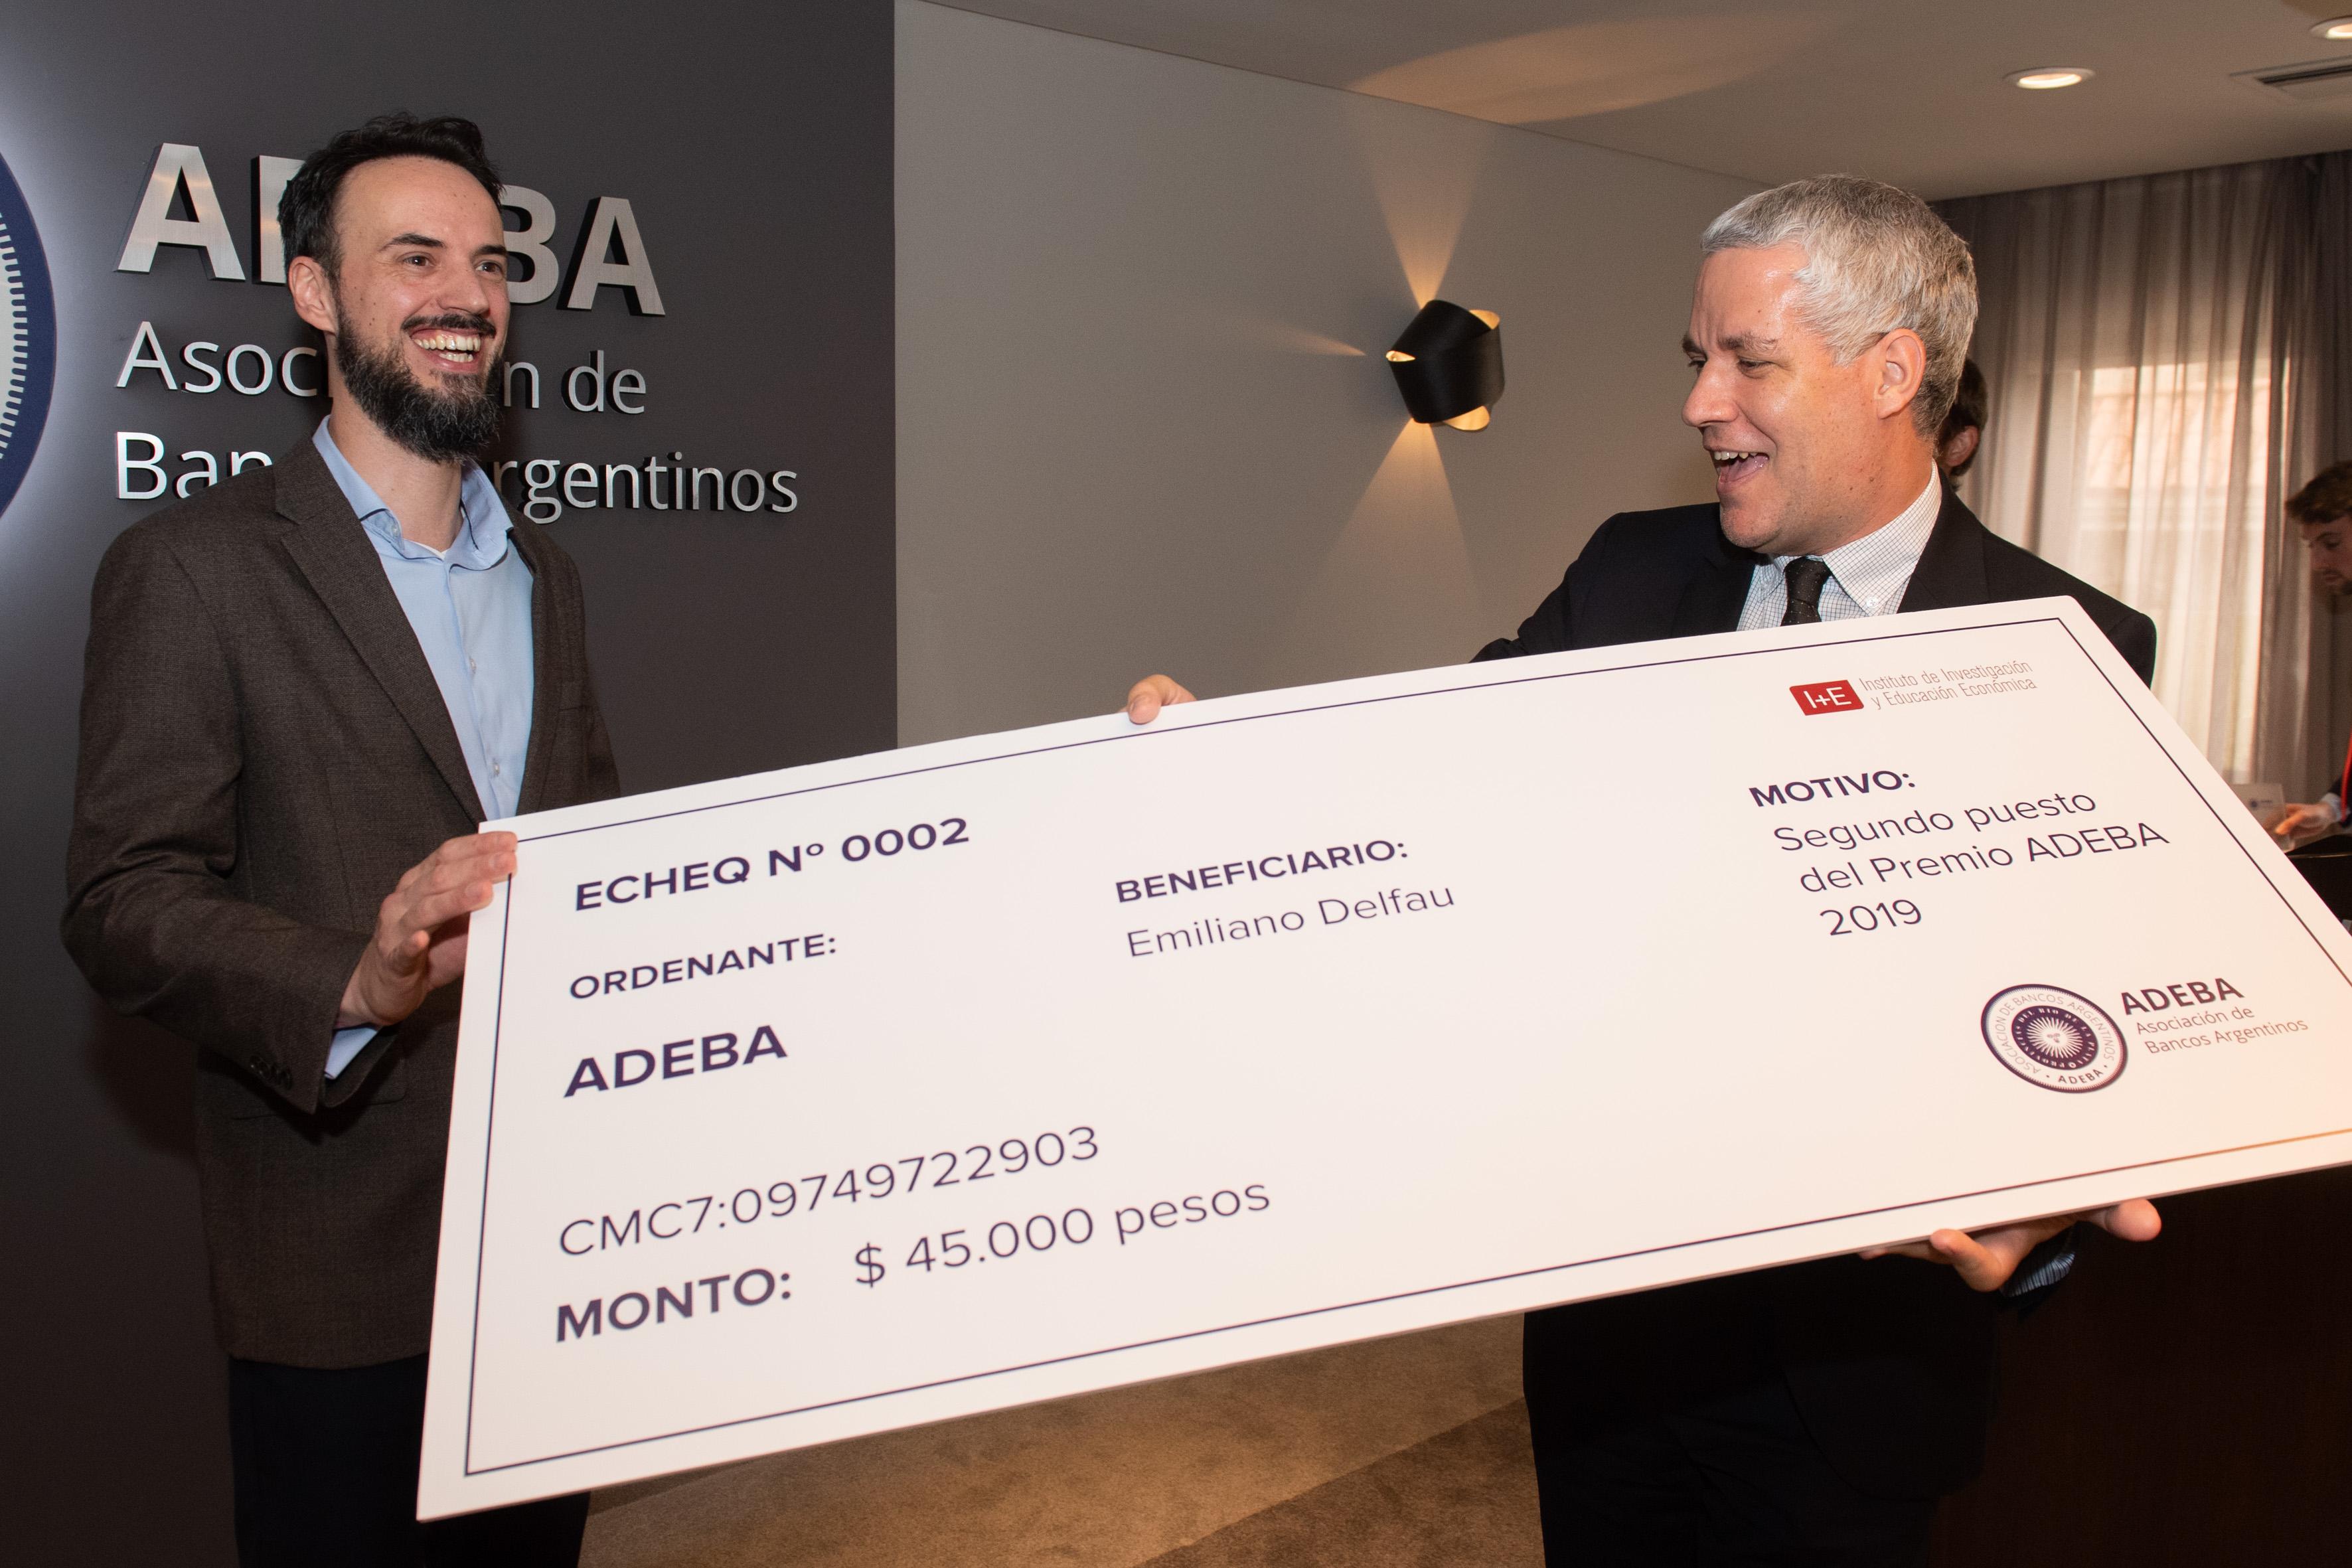 Emiliano Delfau, reconocido con el segundo lugar del Premio ADEBA junto a Lucas Pussetto, director académico del I+E, recibe el ECHEQ